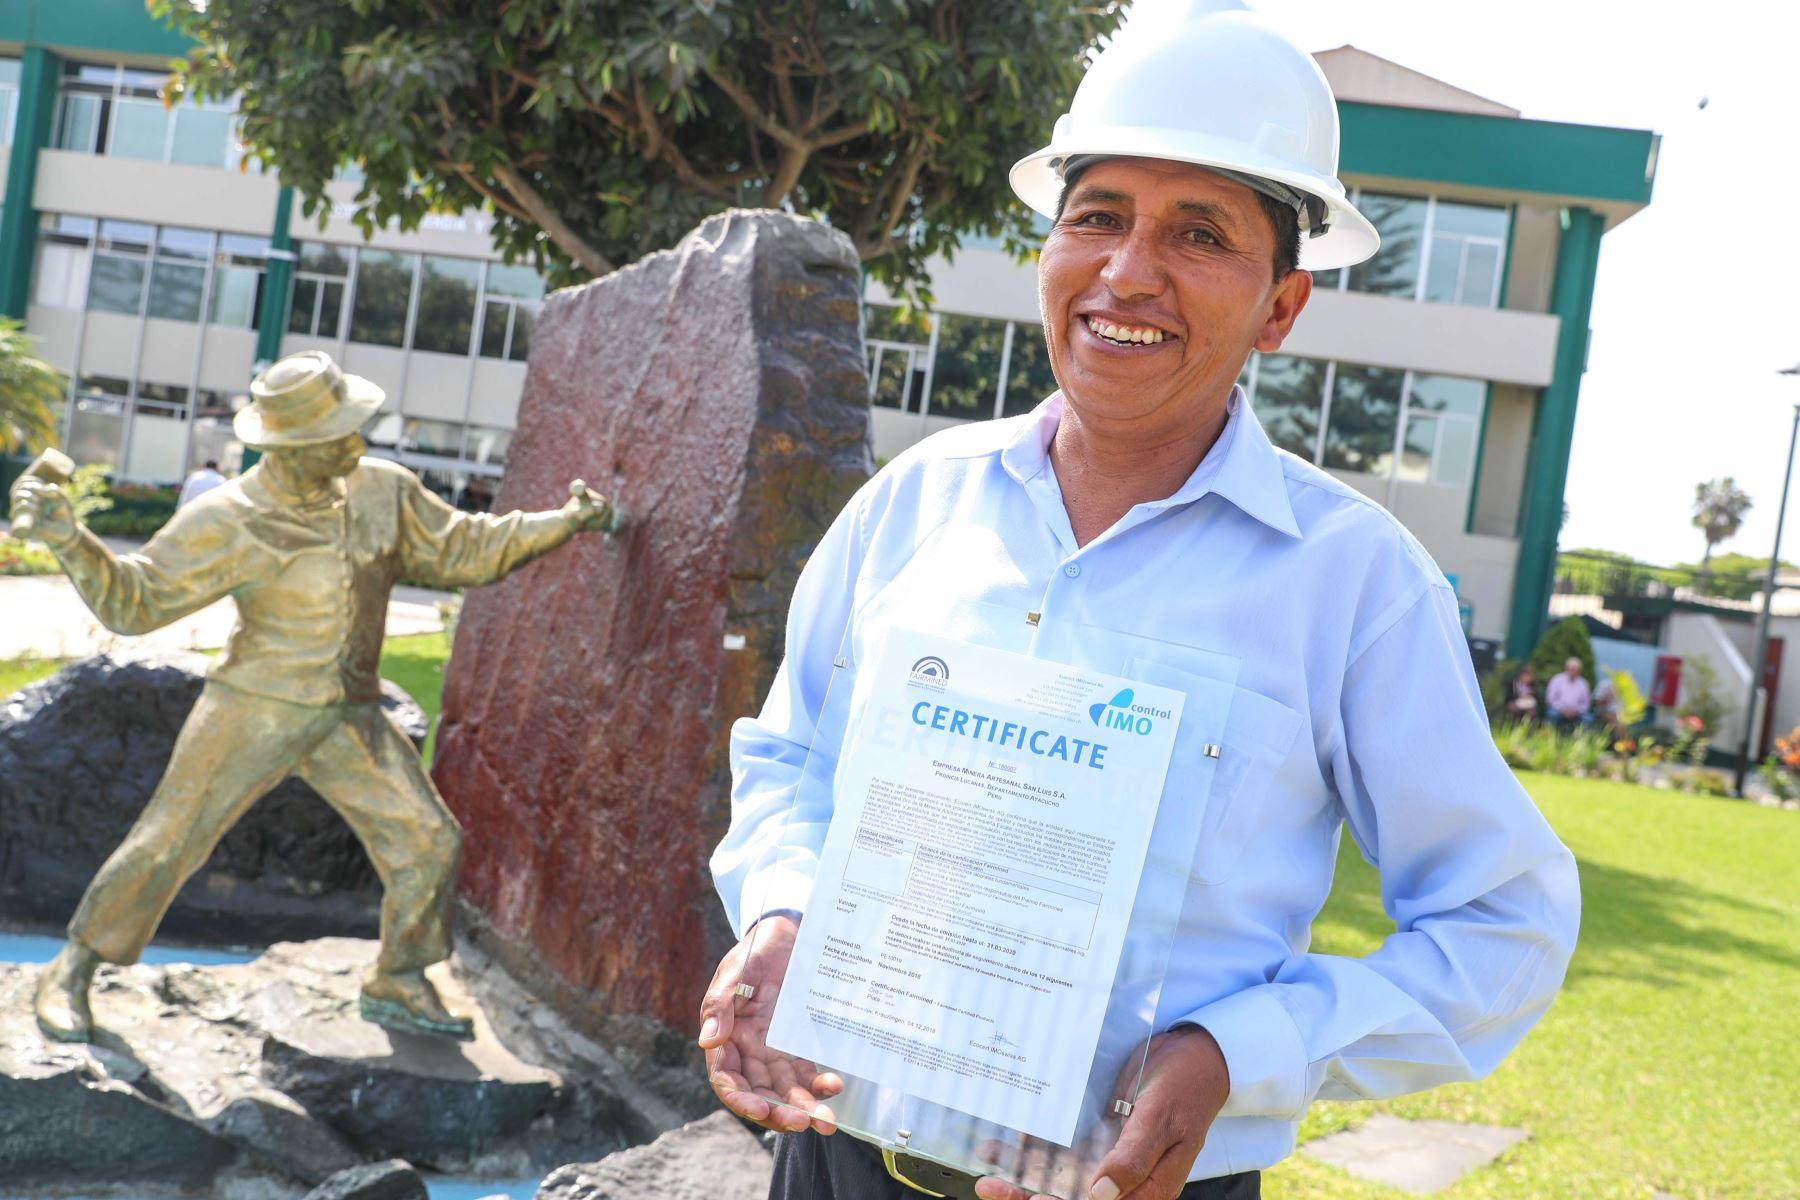 Reconocen a empresa minera artesanal de Ayacucho por obtener certificación de oro responsable.